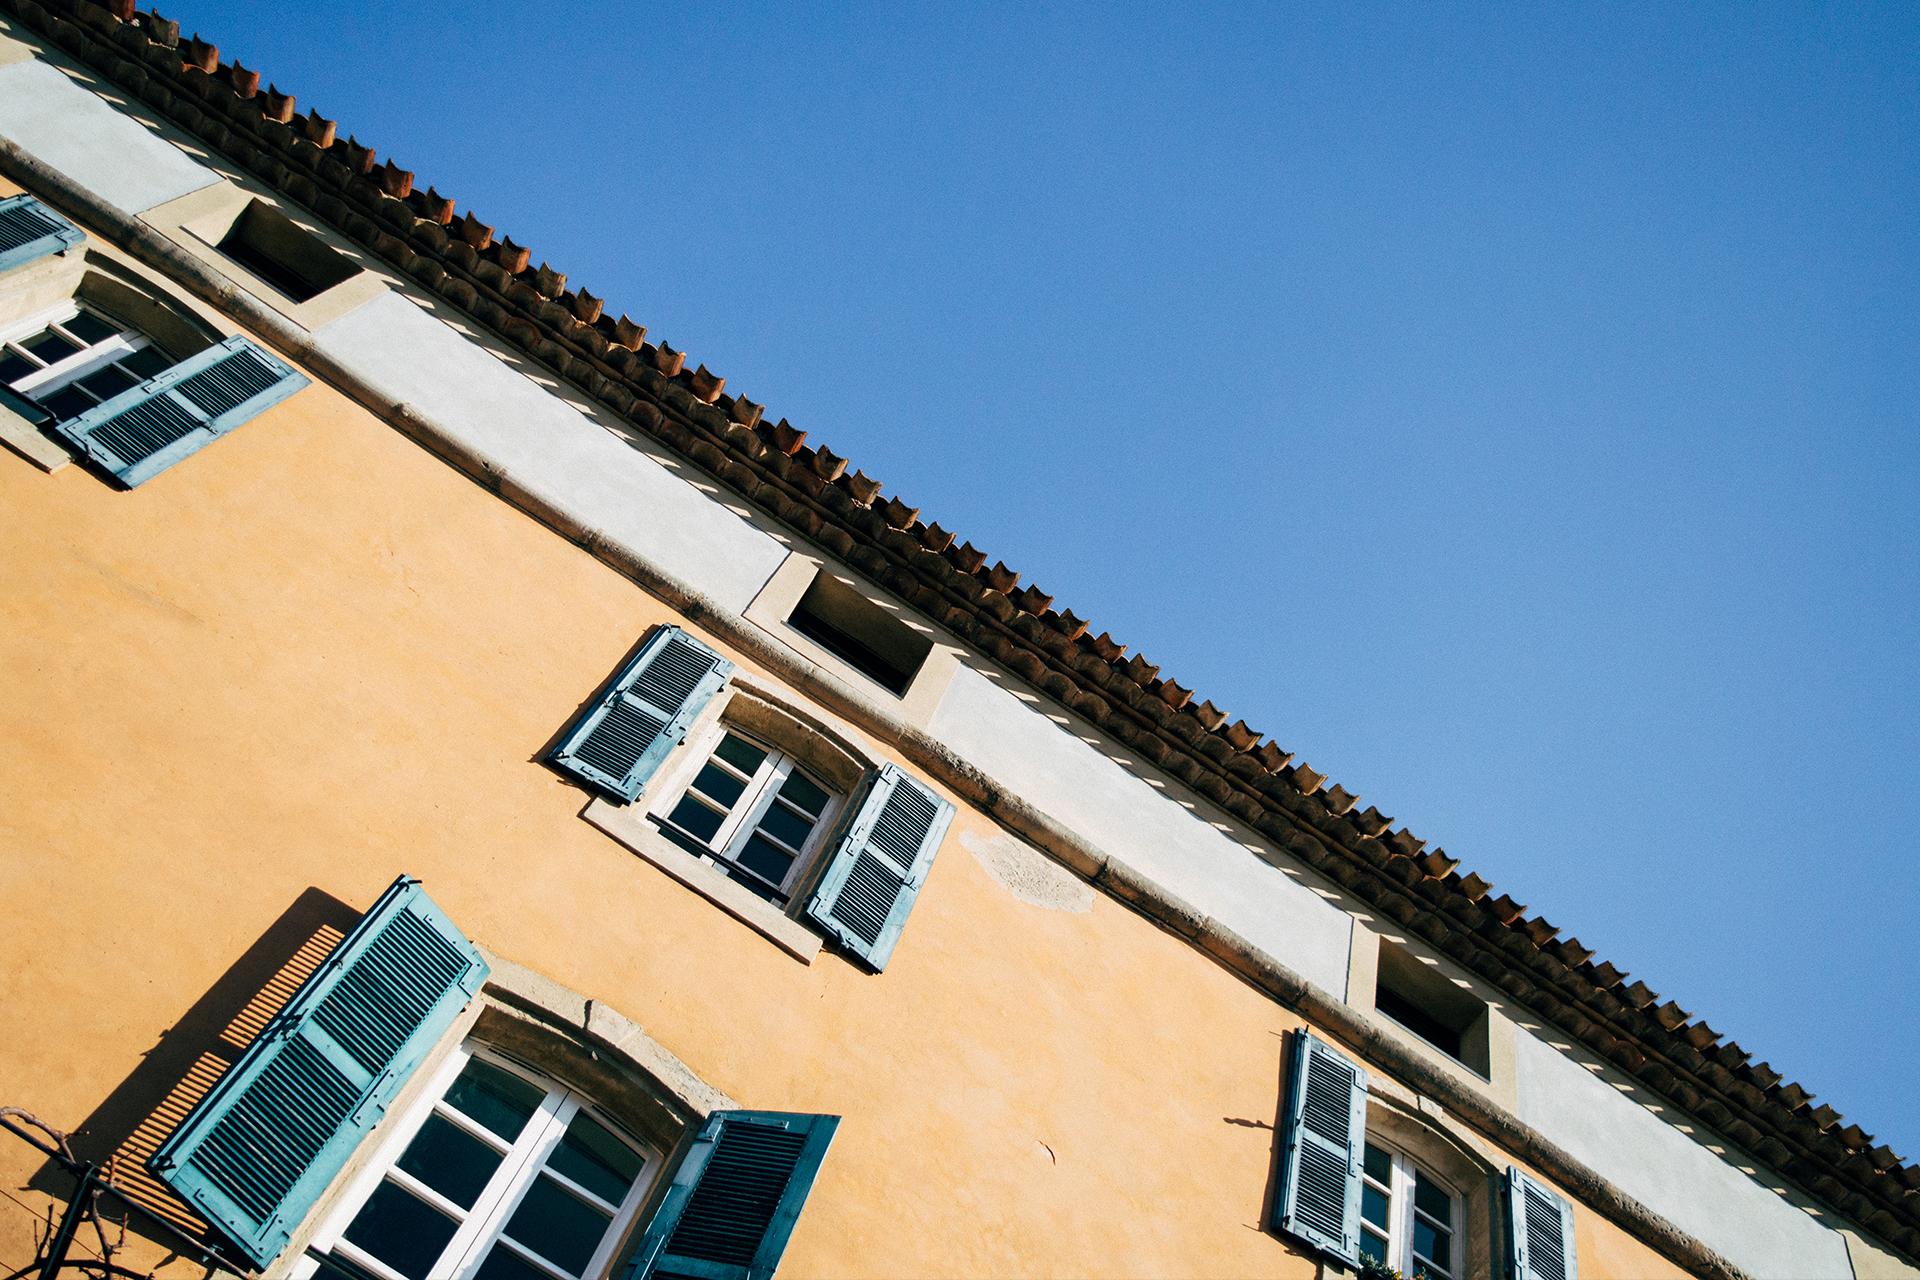 Façades du centre-ville d'Istres  - © Two Black Cameras